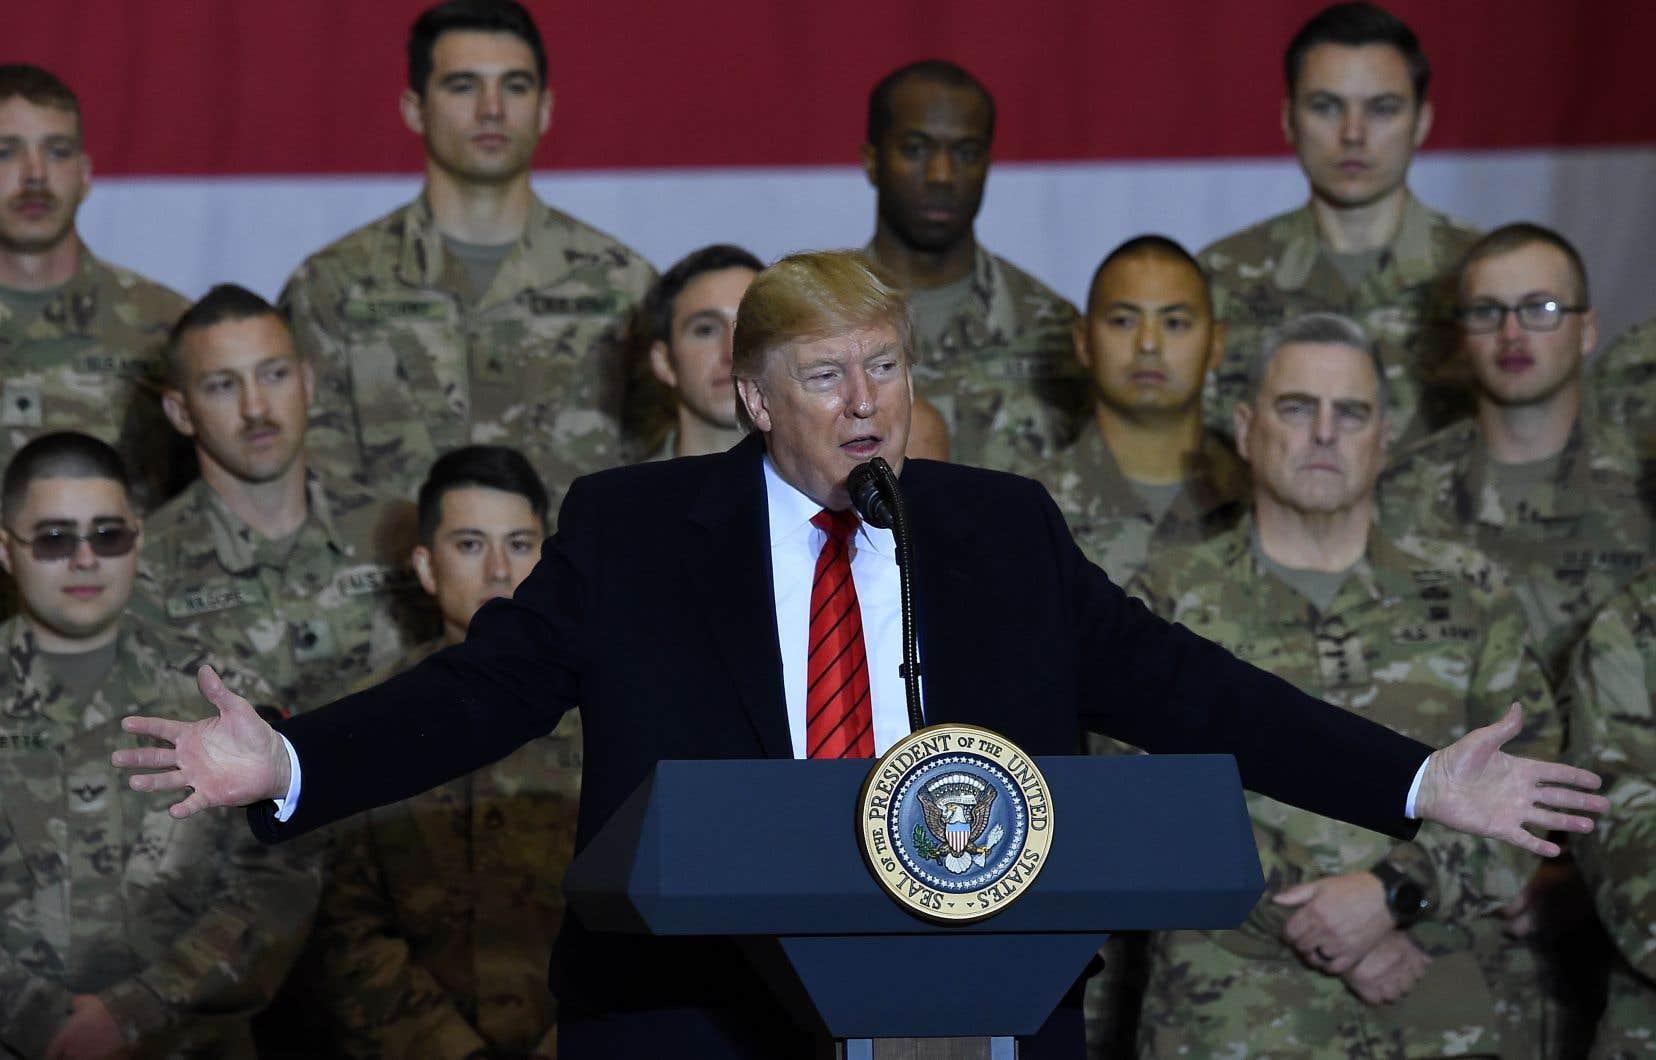 Le président américain, Donald Trump, a rendu une visite surprise aux troupes américaines en Afghanistan jeudi.